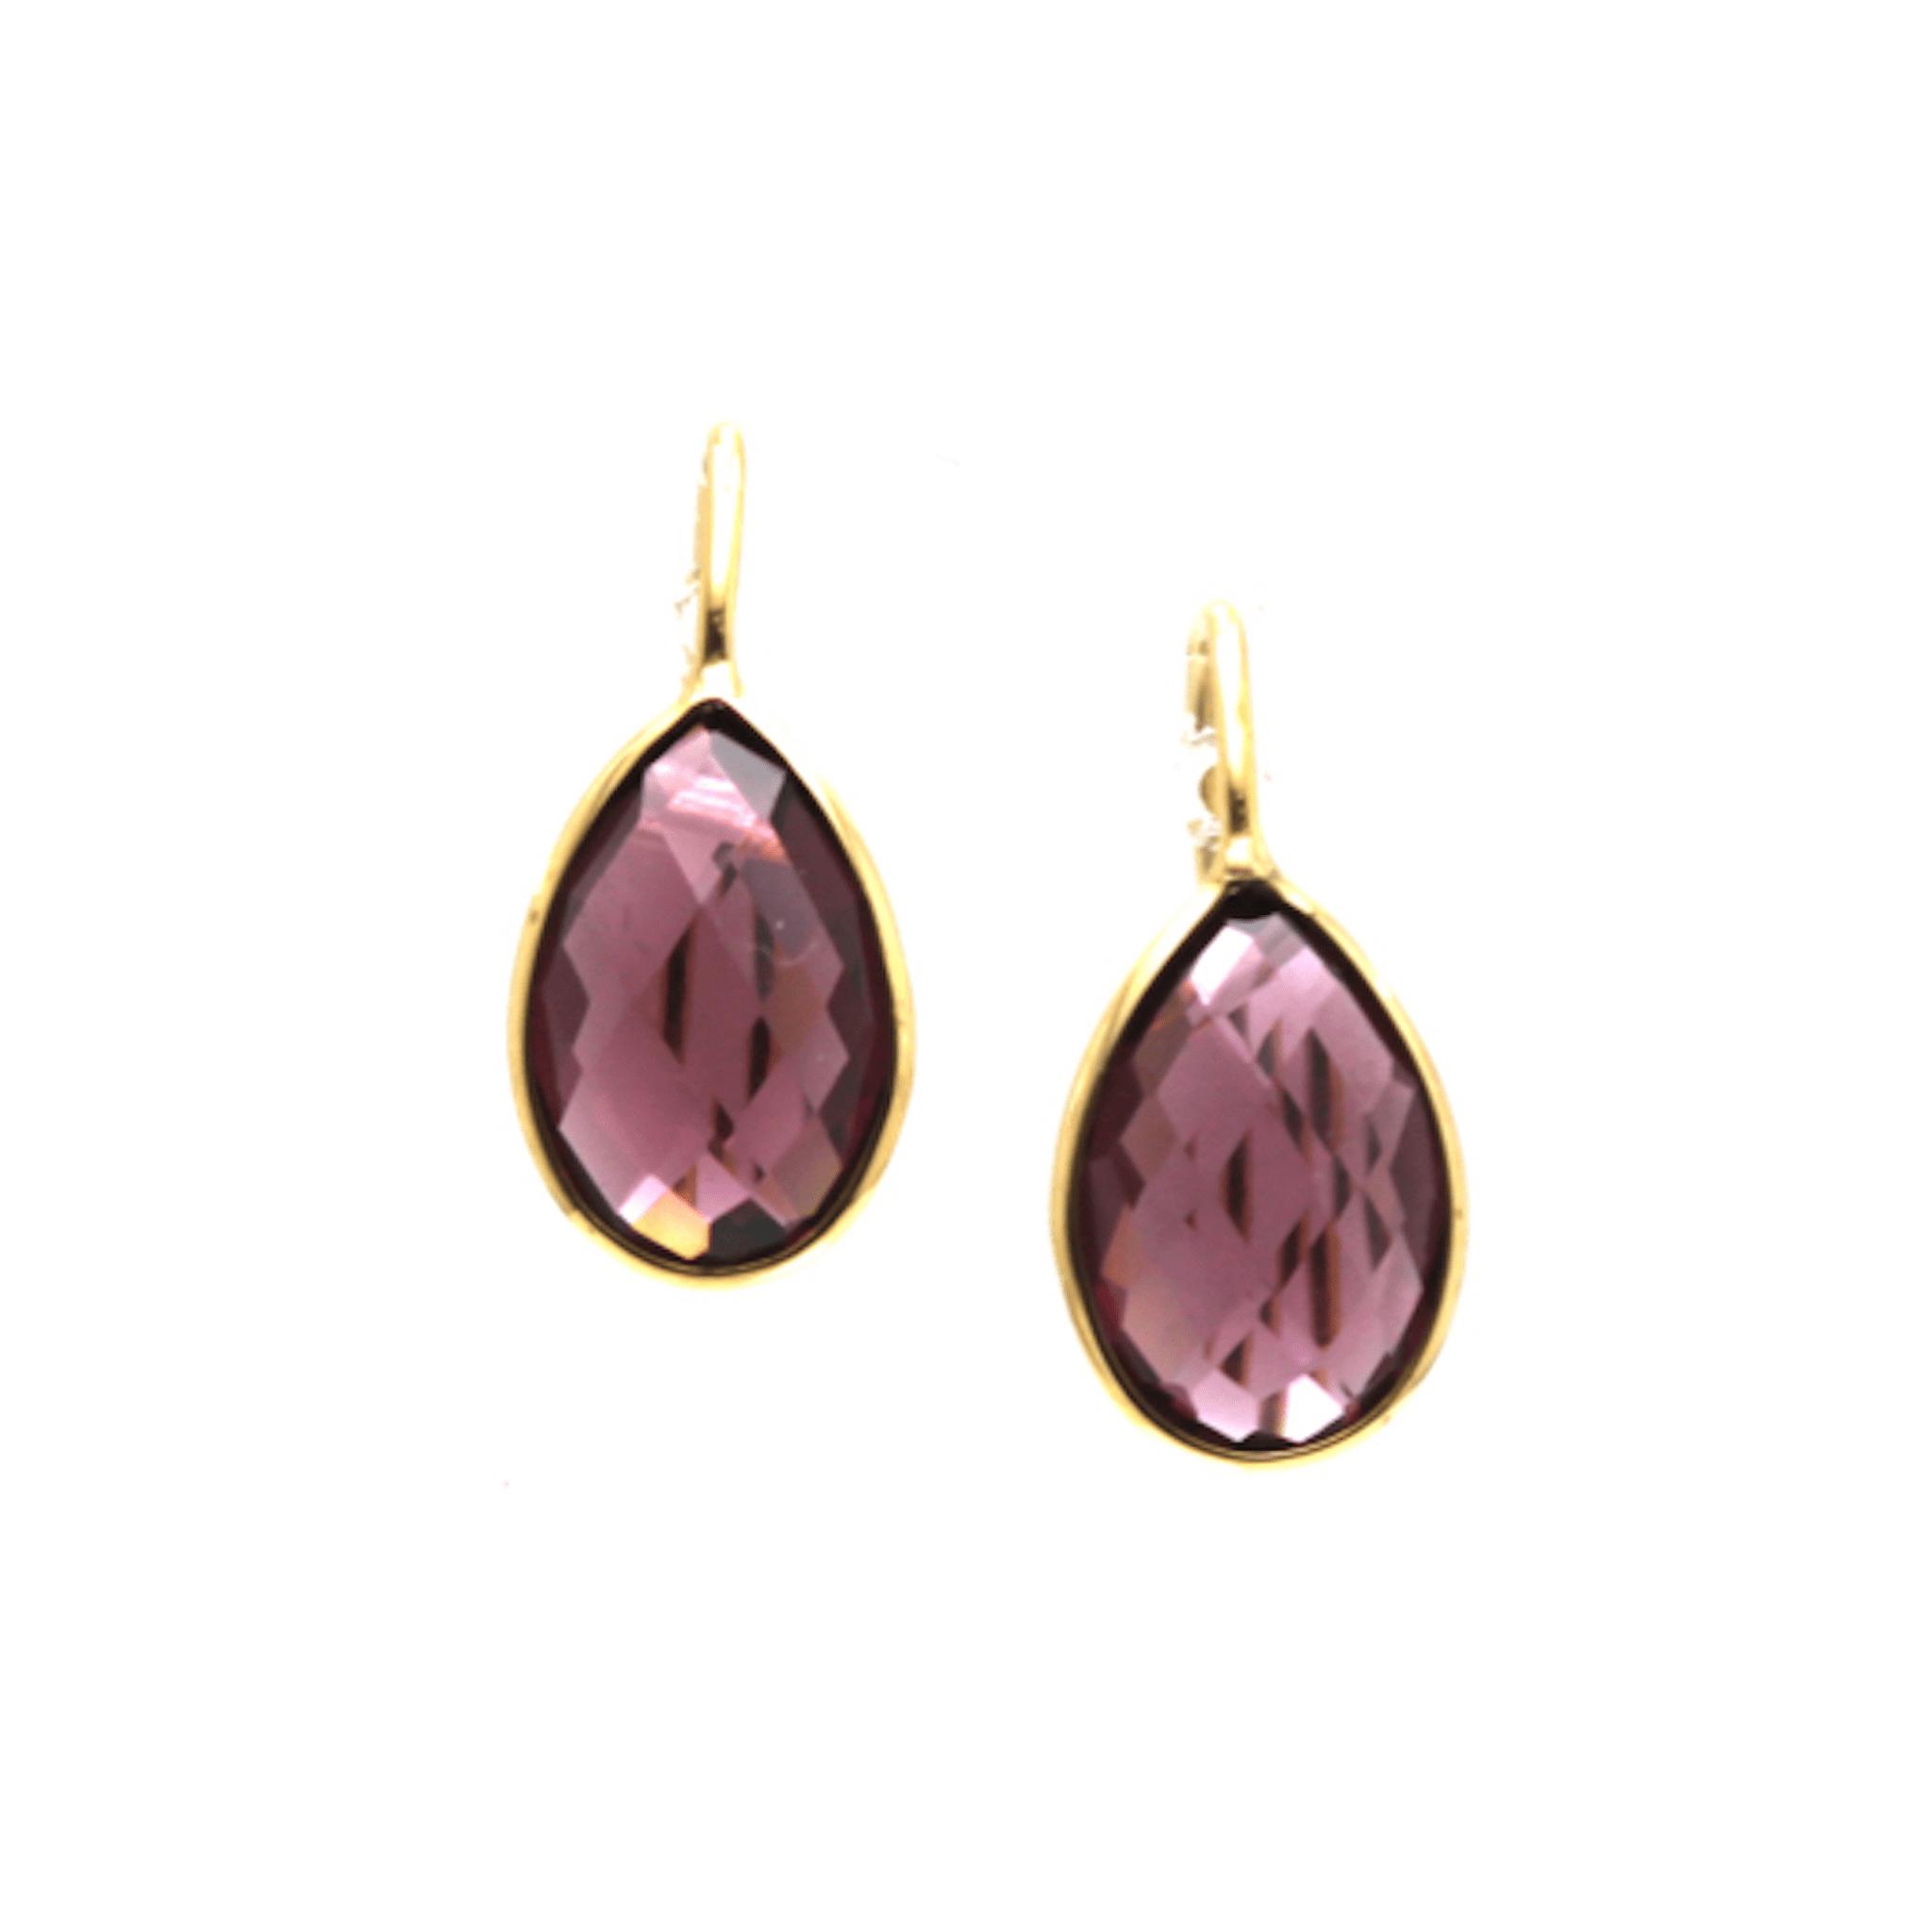 Tresor Collection - Rhodolite Garnet Simple Pear Dangle Earrings in 18K Yellow Gold